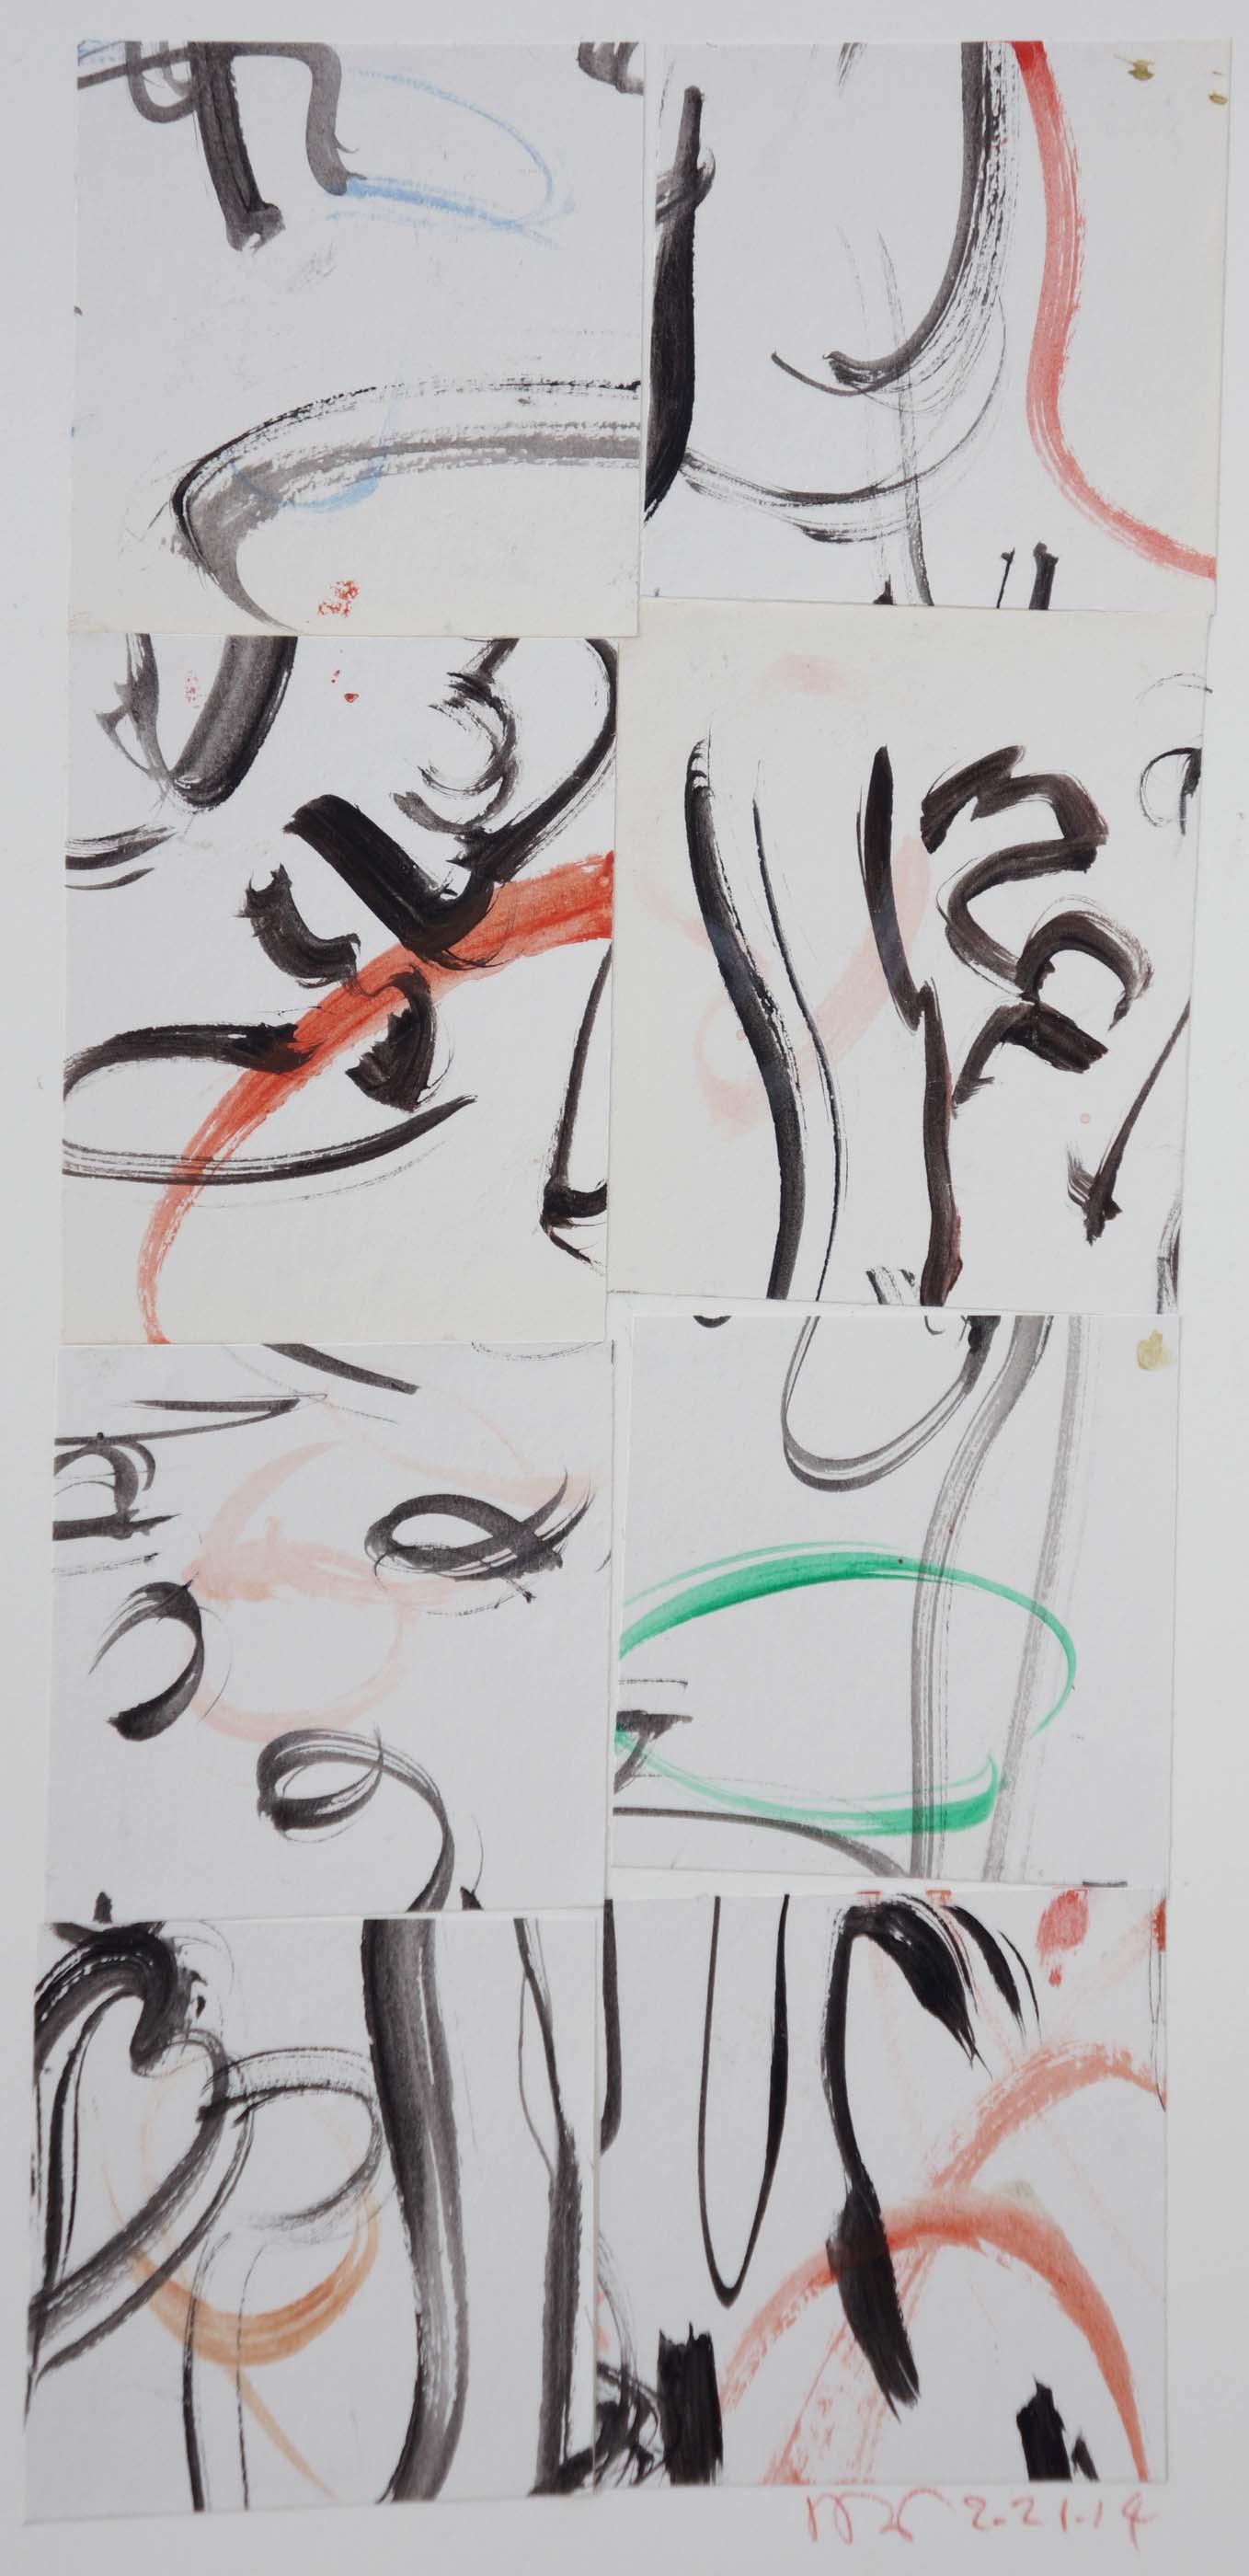 2/21/14 collage 2  21.5x10 cm.